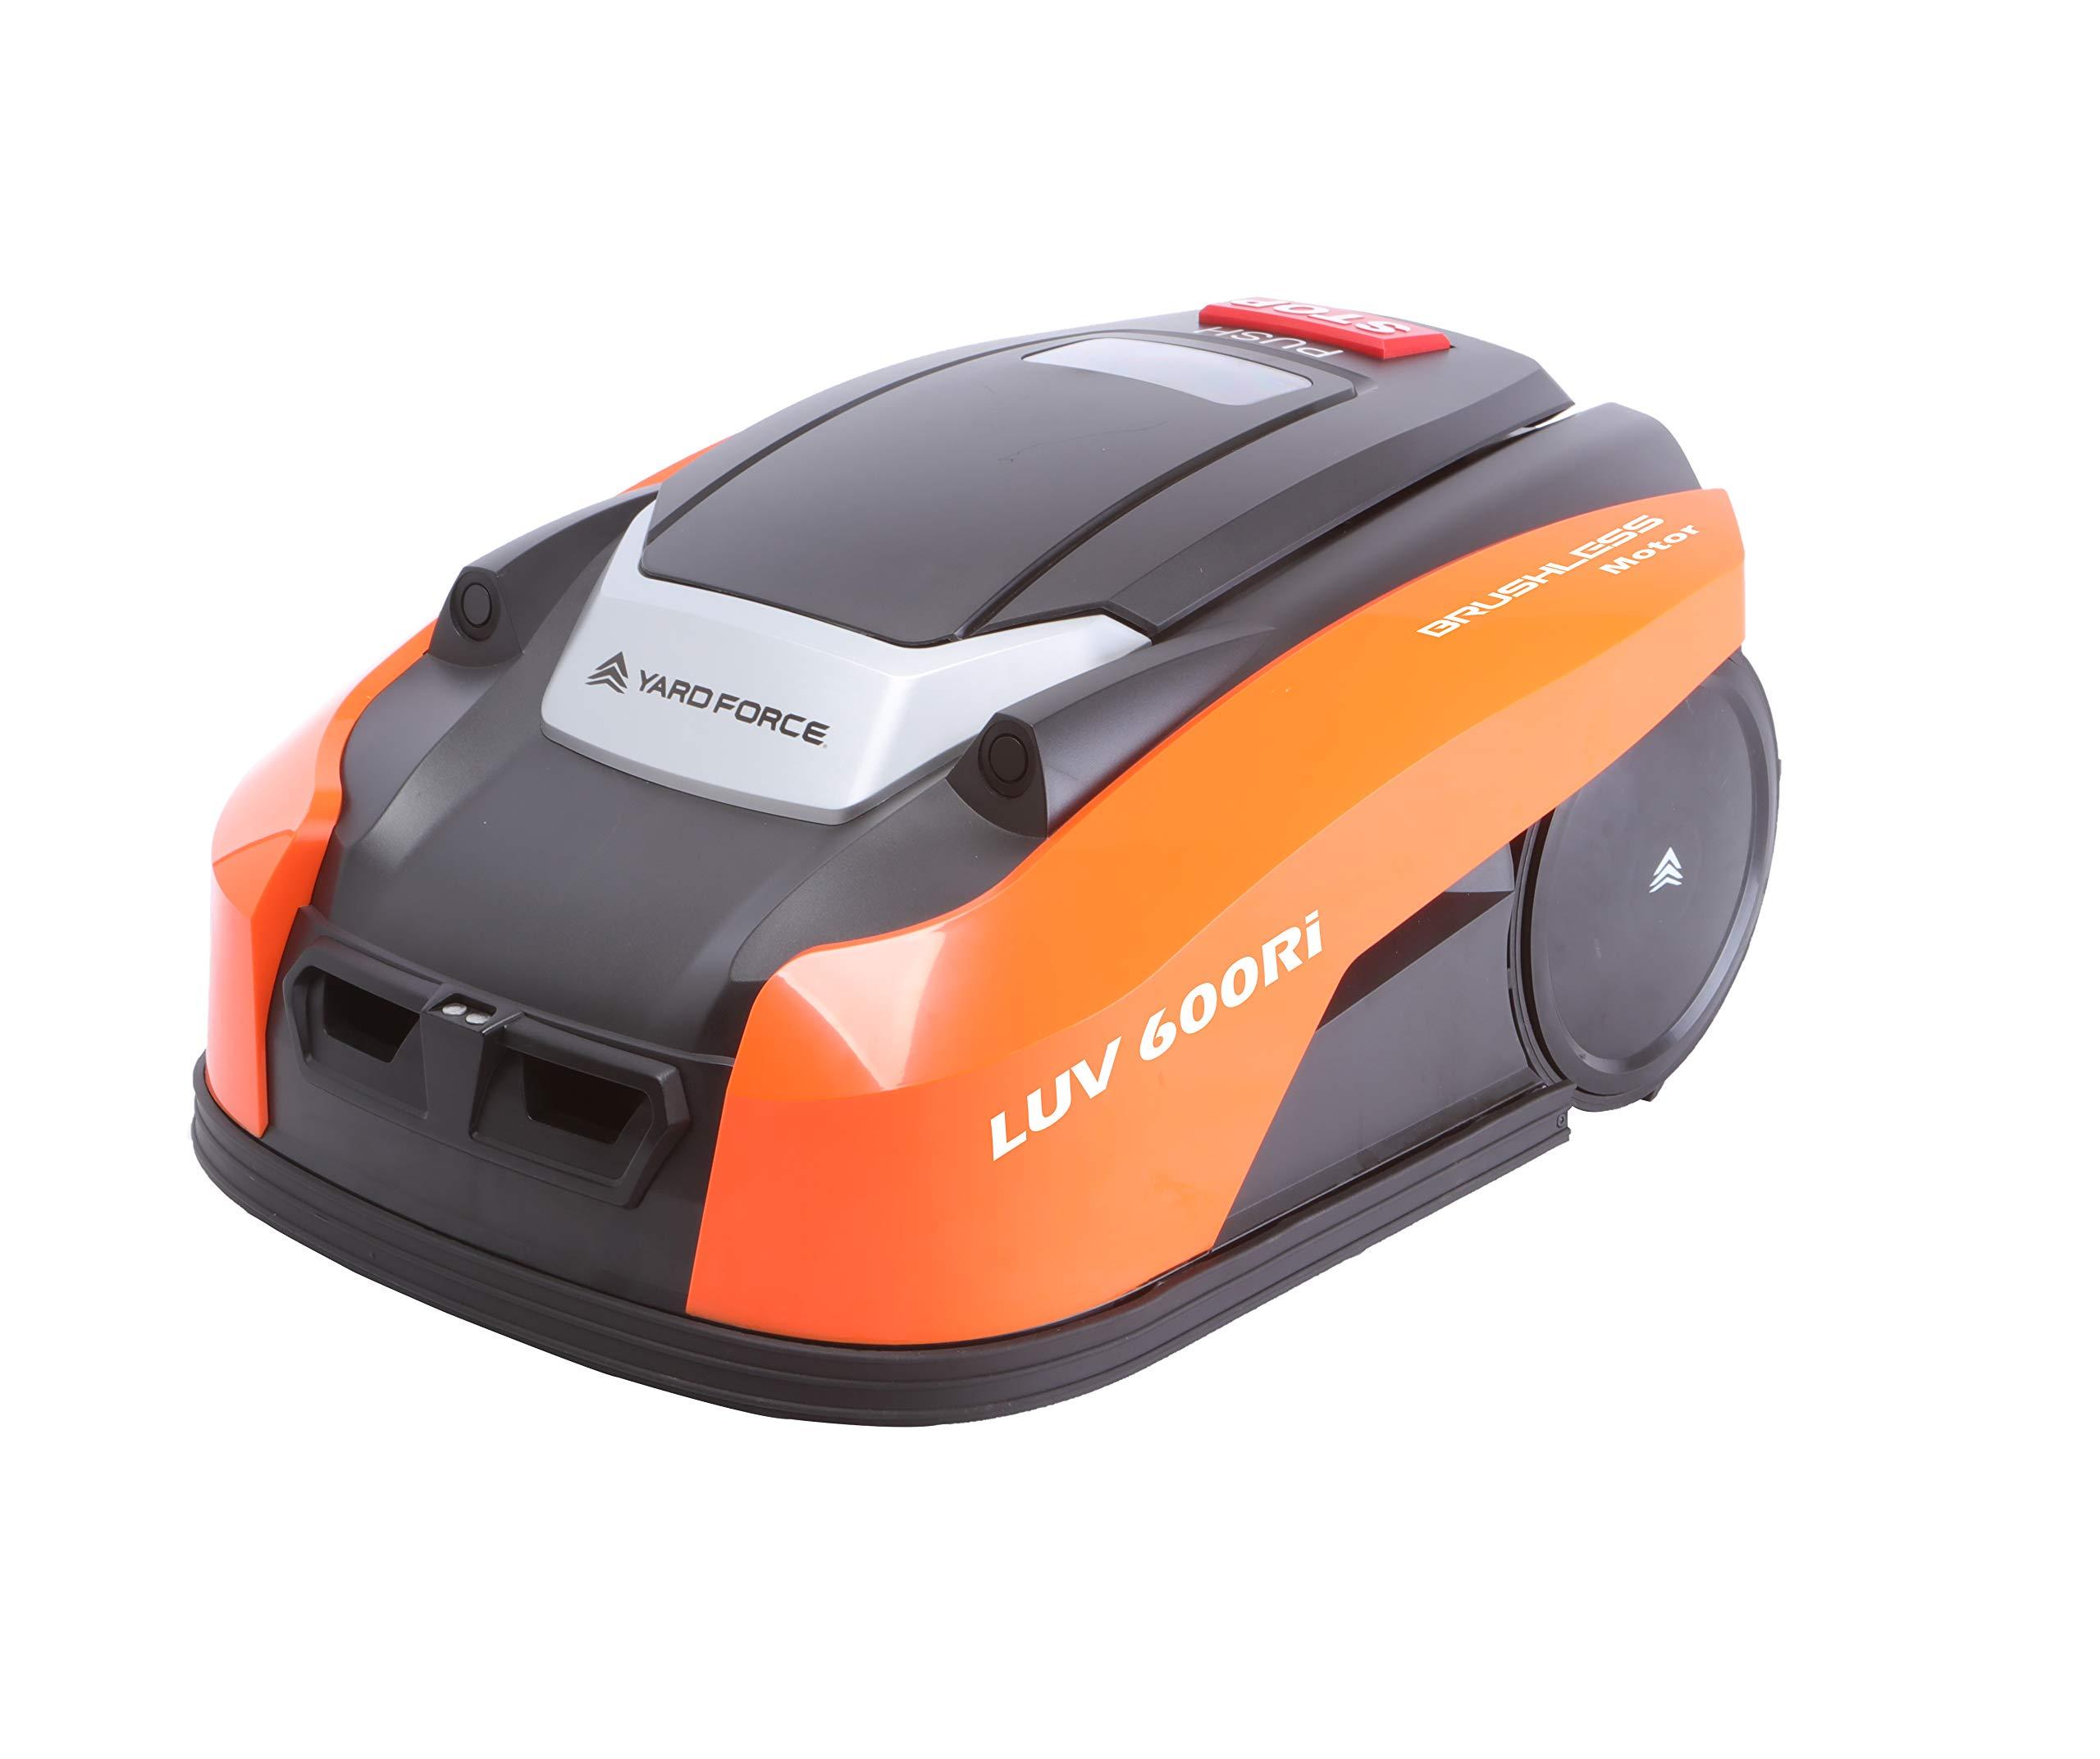 Yard Force LUV 600Ri Mähroboter bis zu 600 qm mit WLAN-Verbindung, iRadar Ultraschallsensor, Rasenkanten-Funktion